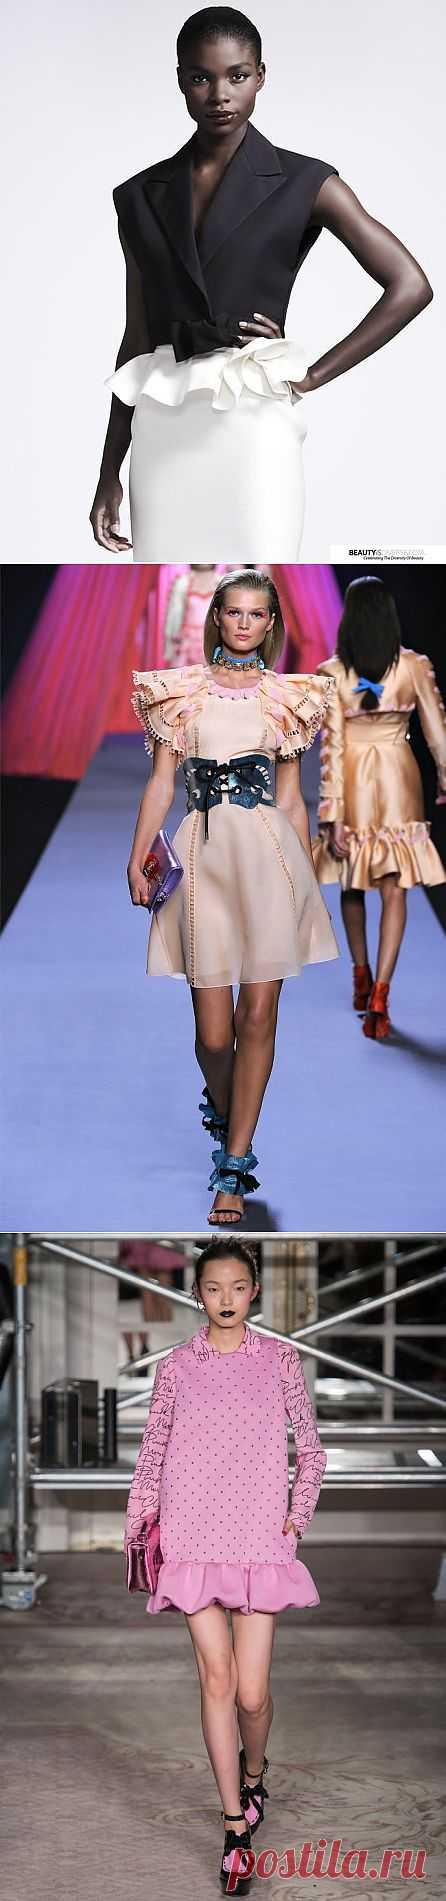 Идет волна! (Много фото) / Тенденции / Модный сайт о стильной переделке одежды и интерьера